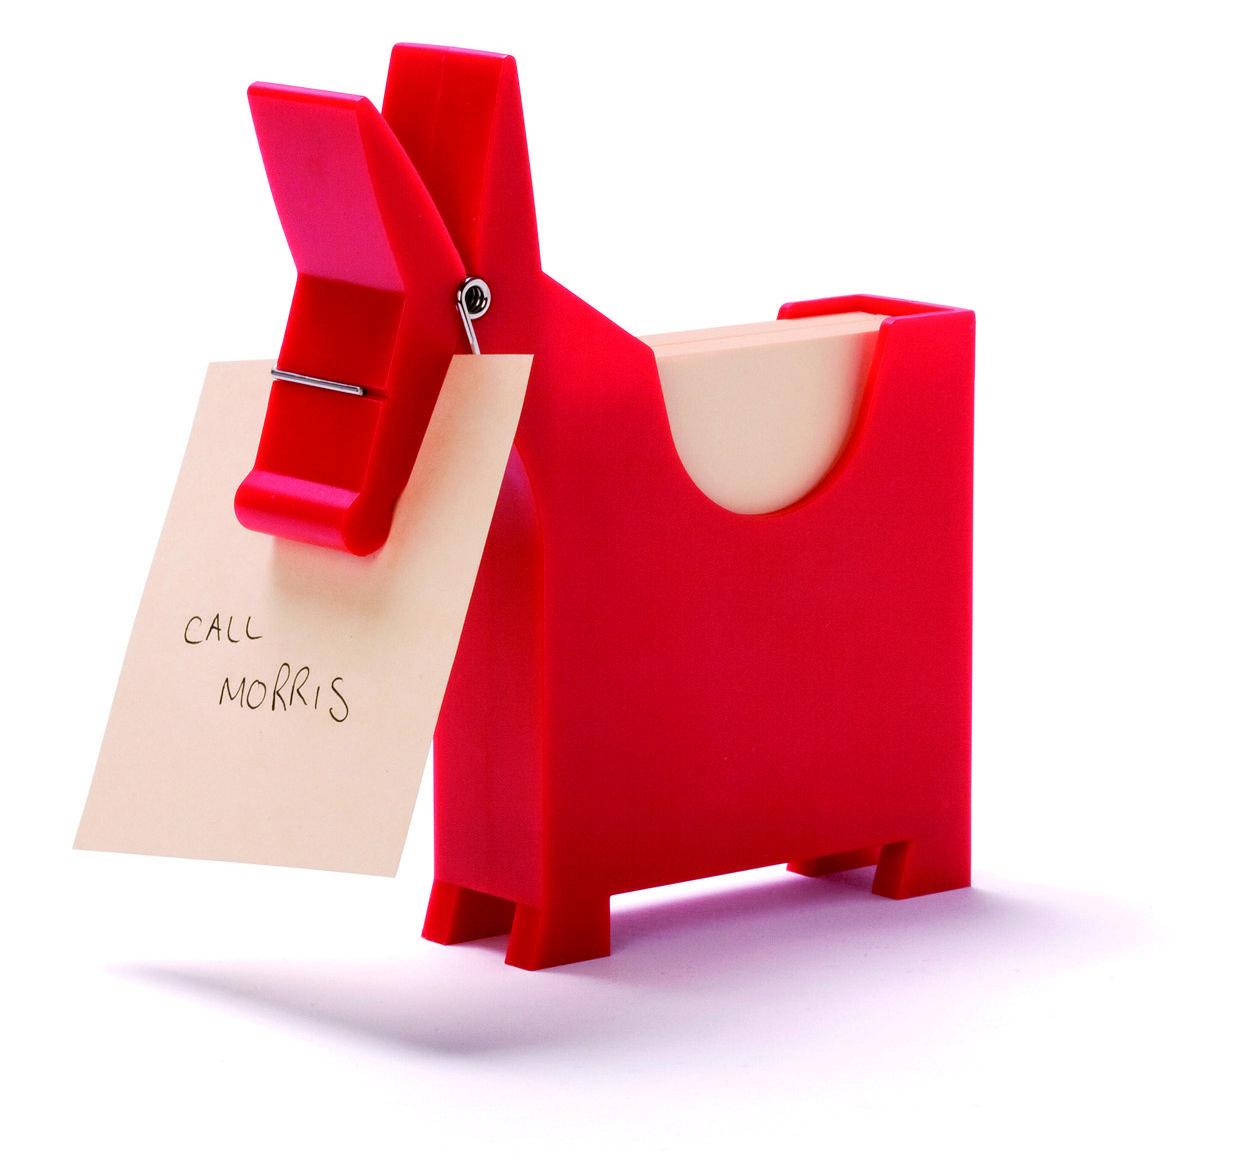 packesel morris zettelbox arshabitandi der designversand geschenke online kaufen haus. Black Bedroom Furniture Sets. Home Design Ideas